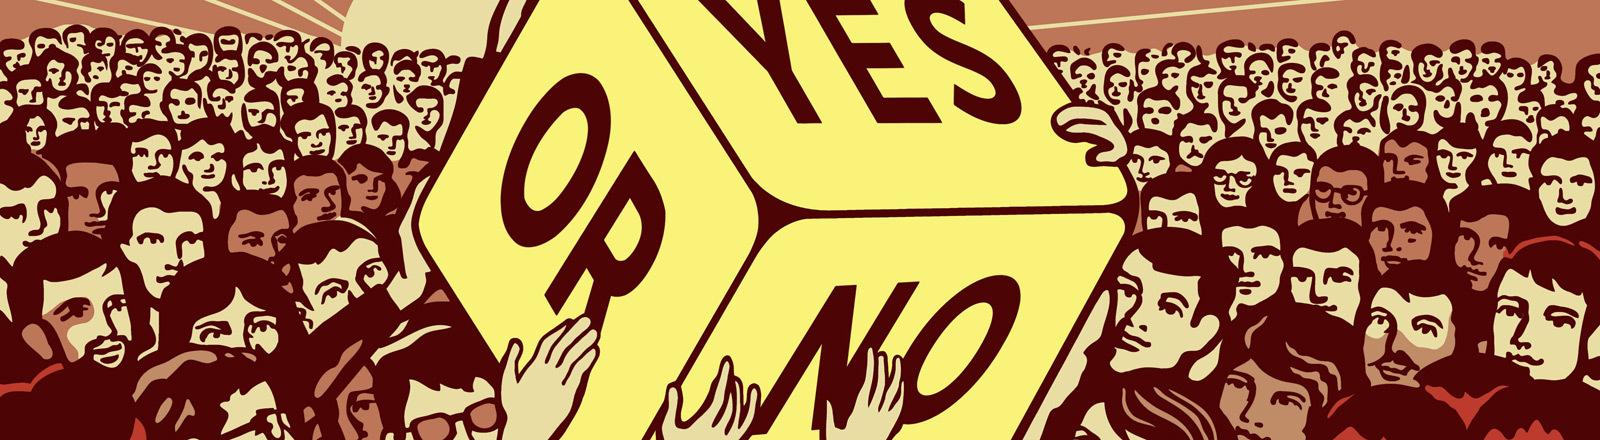 Symbolbild: Die Entscheidung über die Große Koalition.